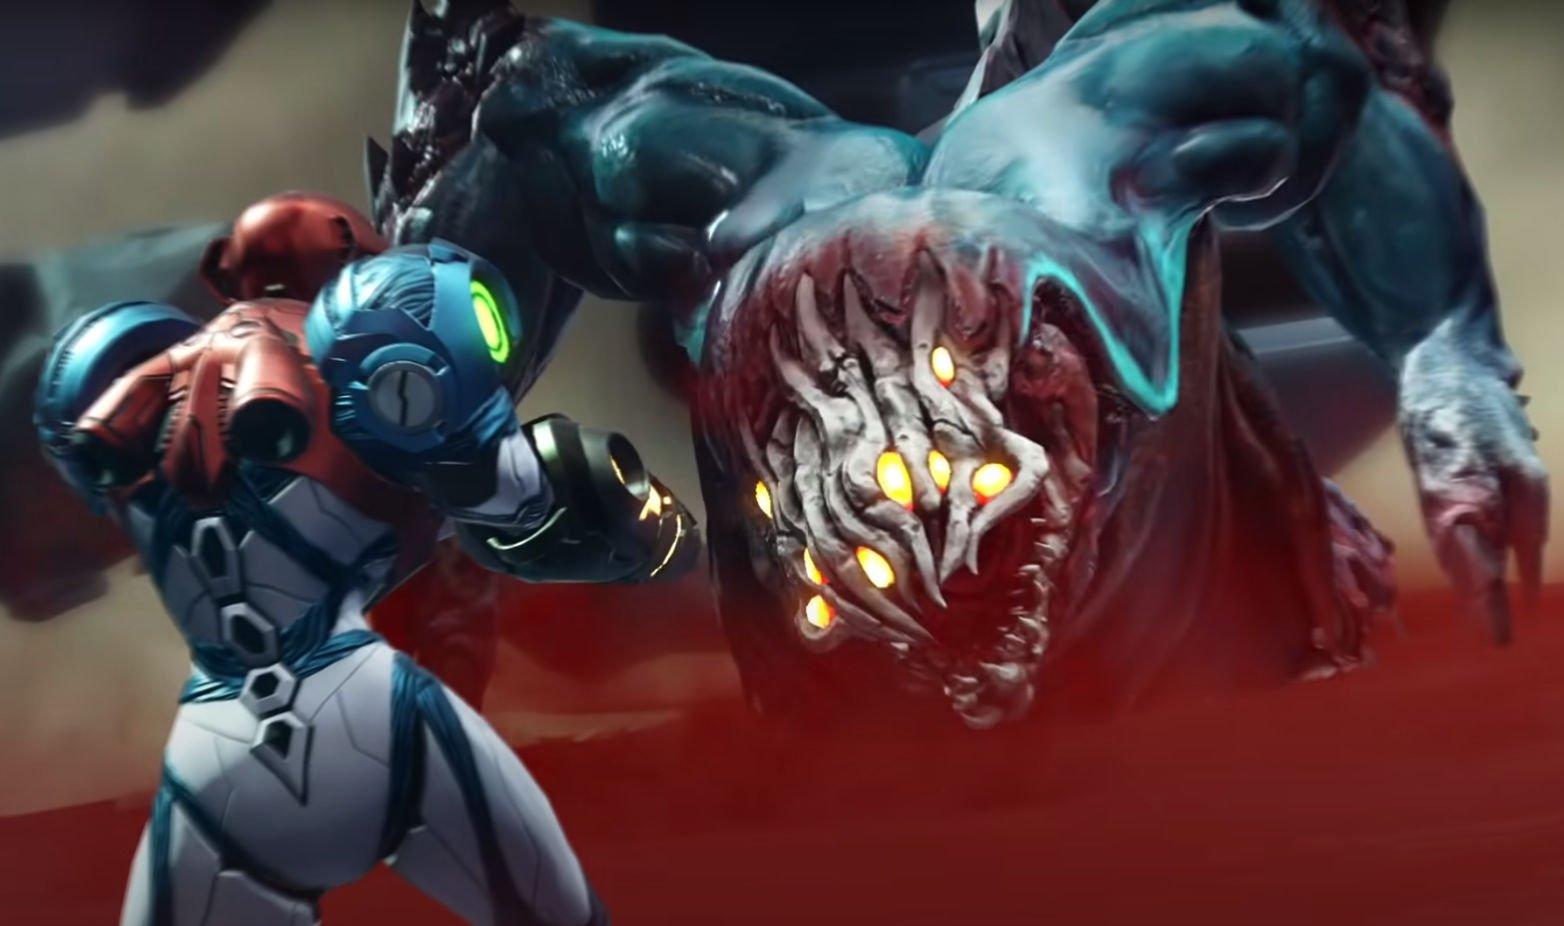 Samus fights a giant monster